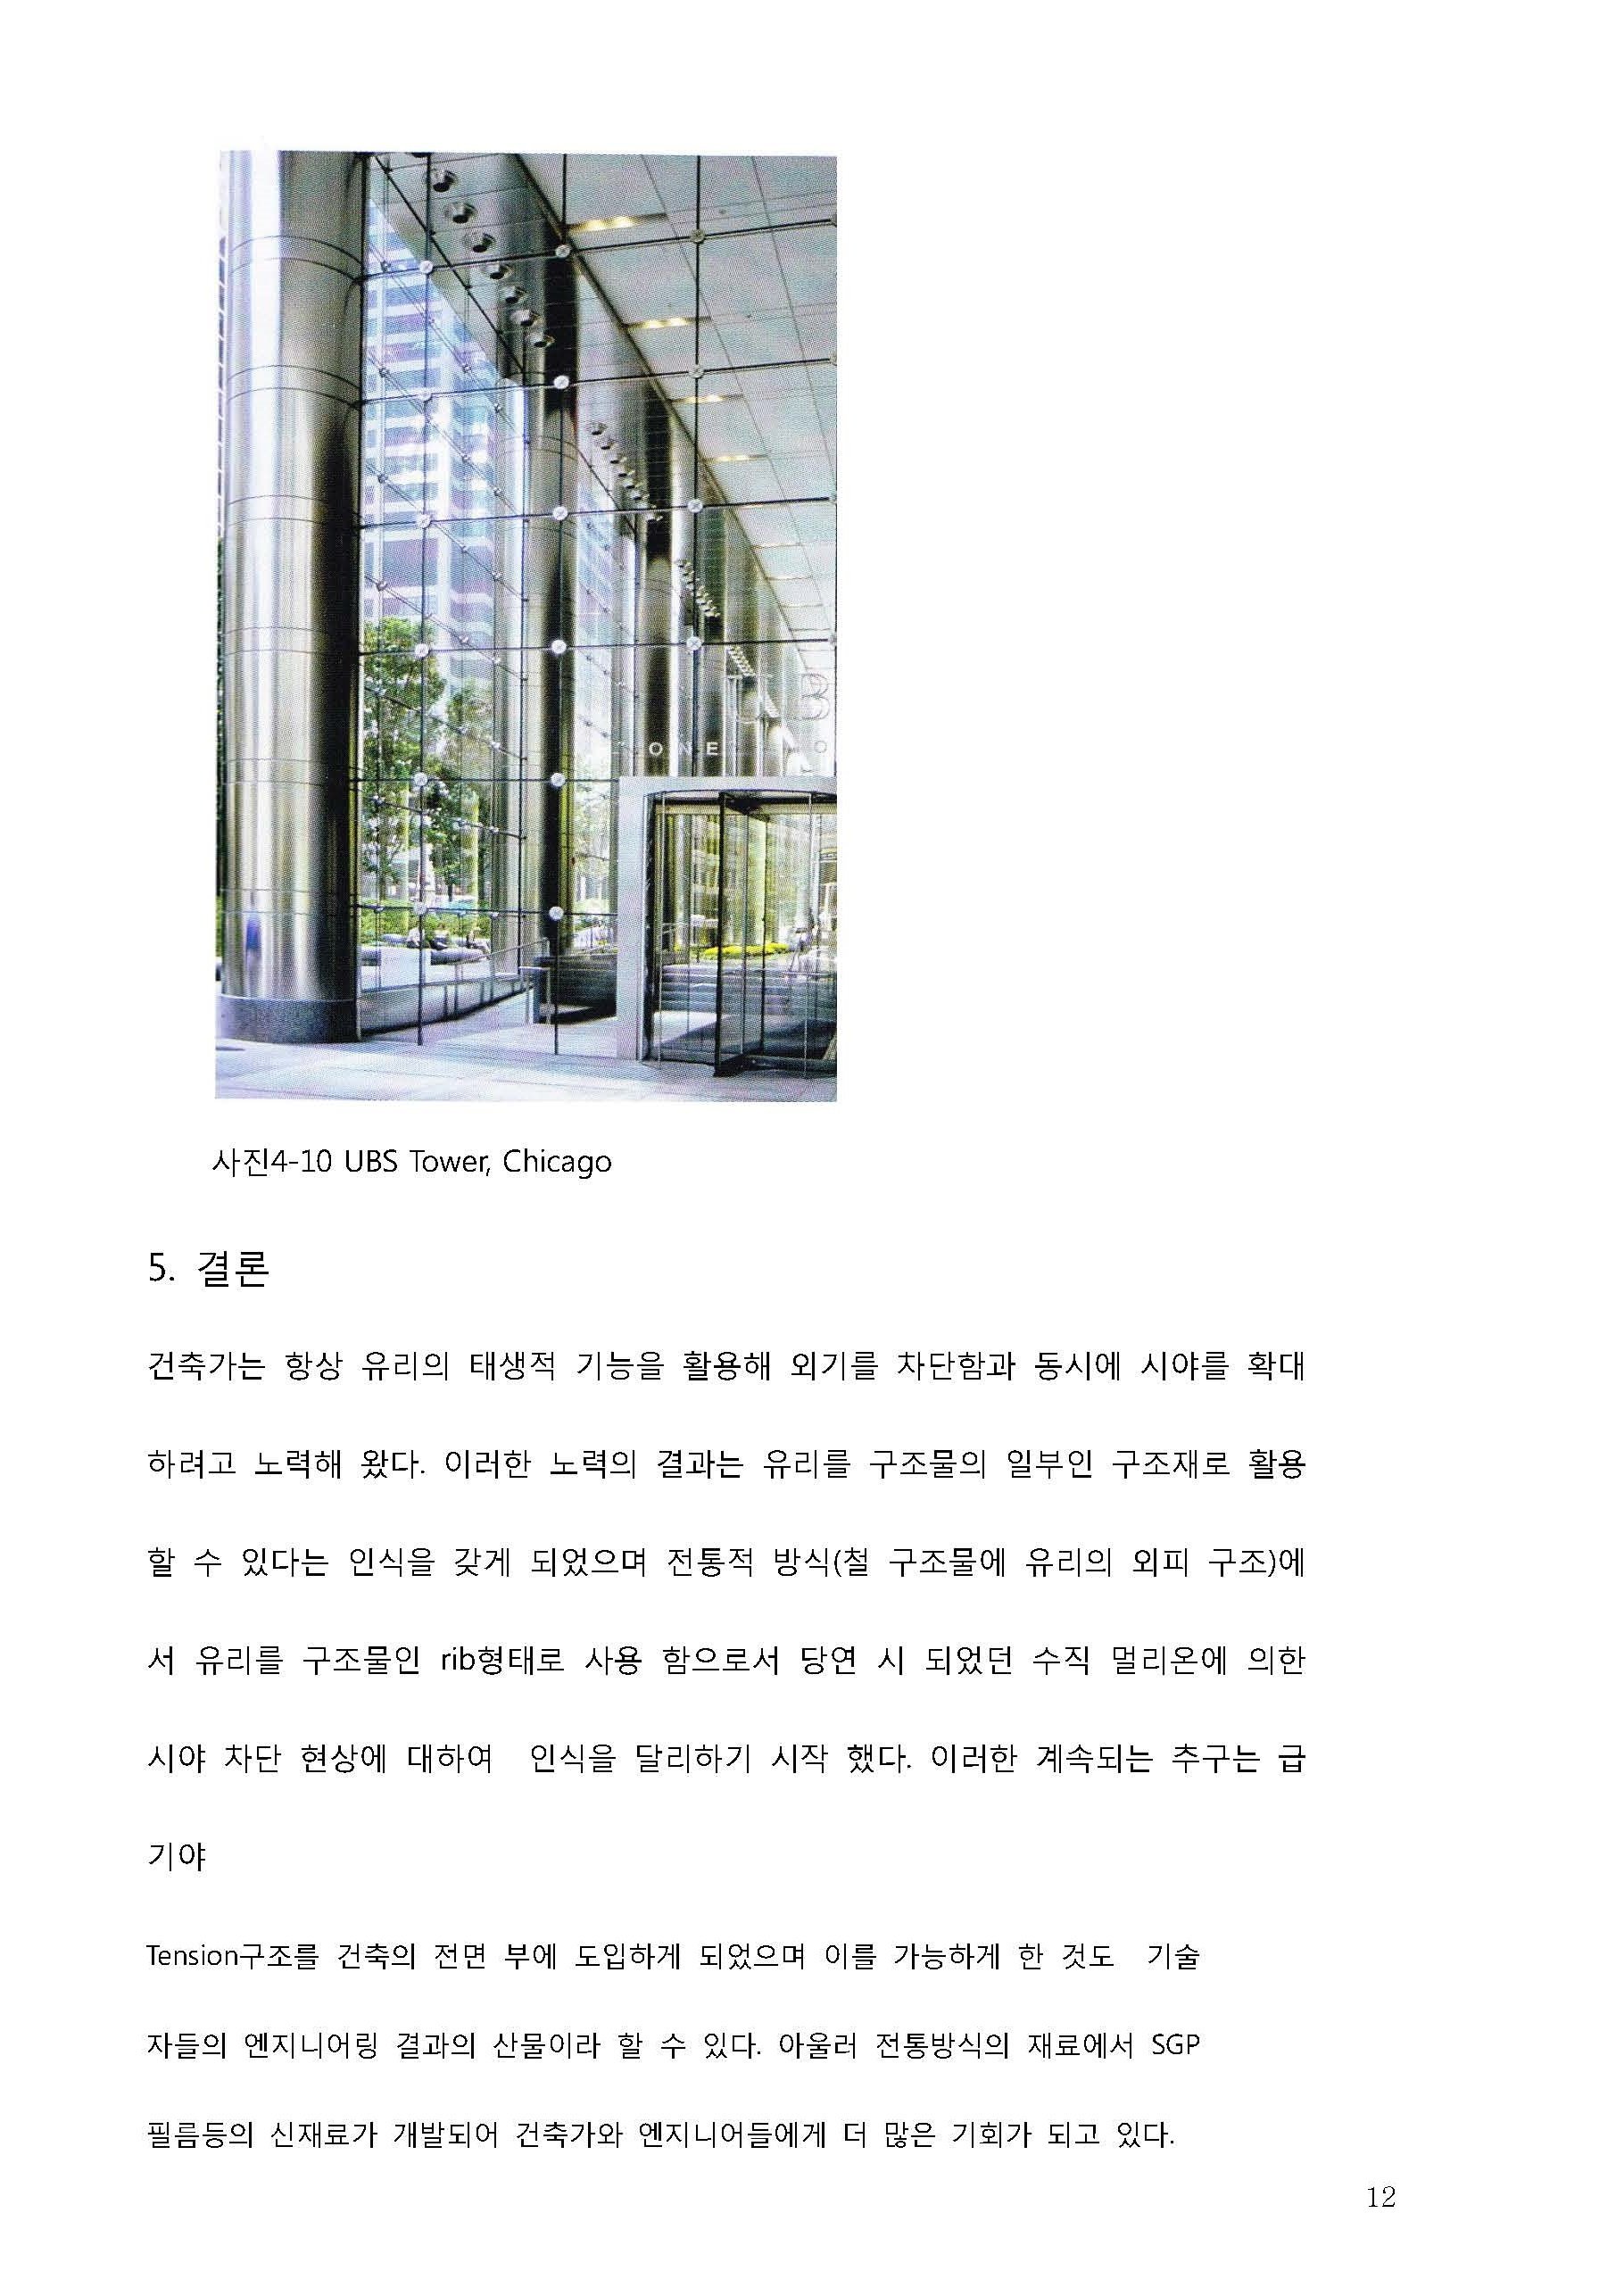 구조용 유리의 분류_페이지_12.jpg